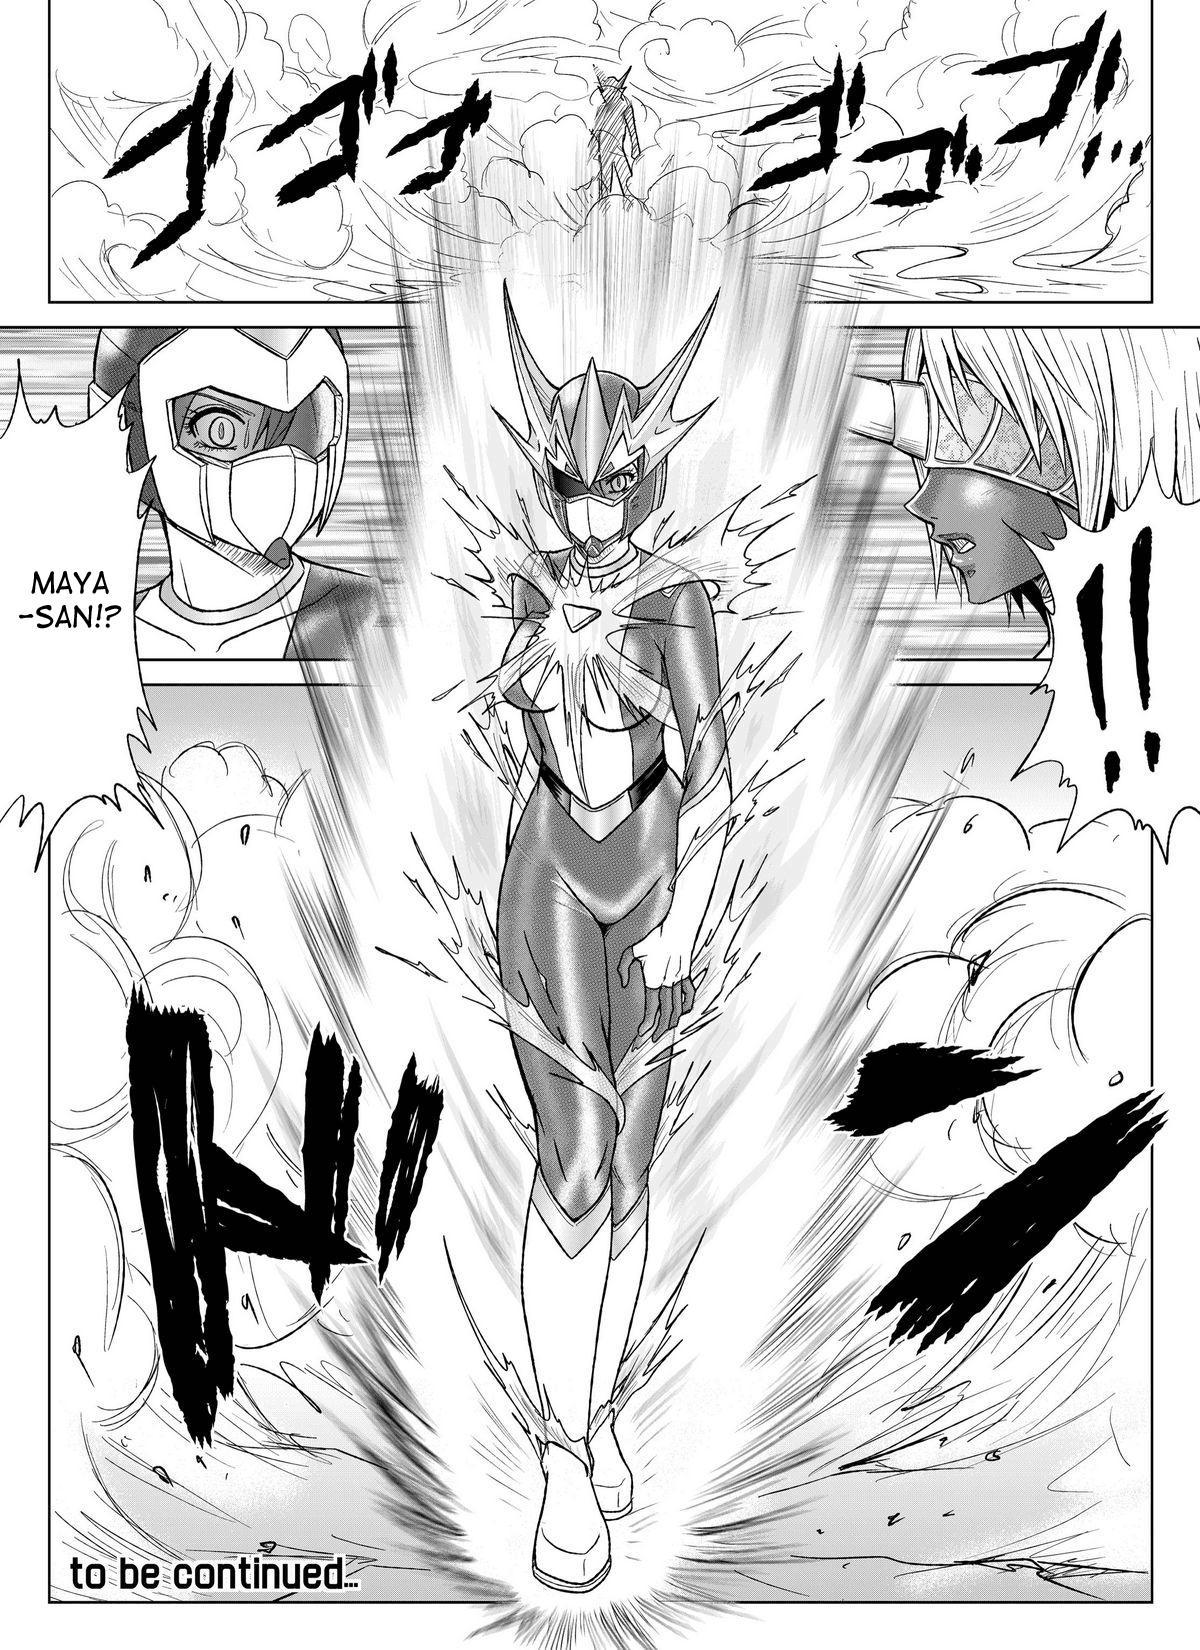 [Macxe's (monmon)] Tokubousentai Dinaranger ~Heroine Kairaku Sennou Keikaku~ Vol. 07/08/Gaiden01 [English] [SaHa] 60